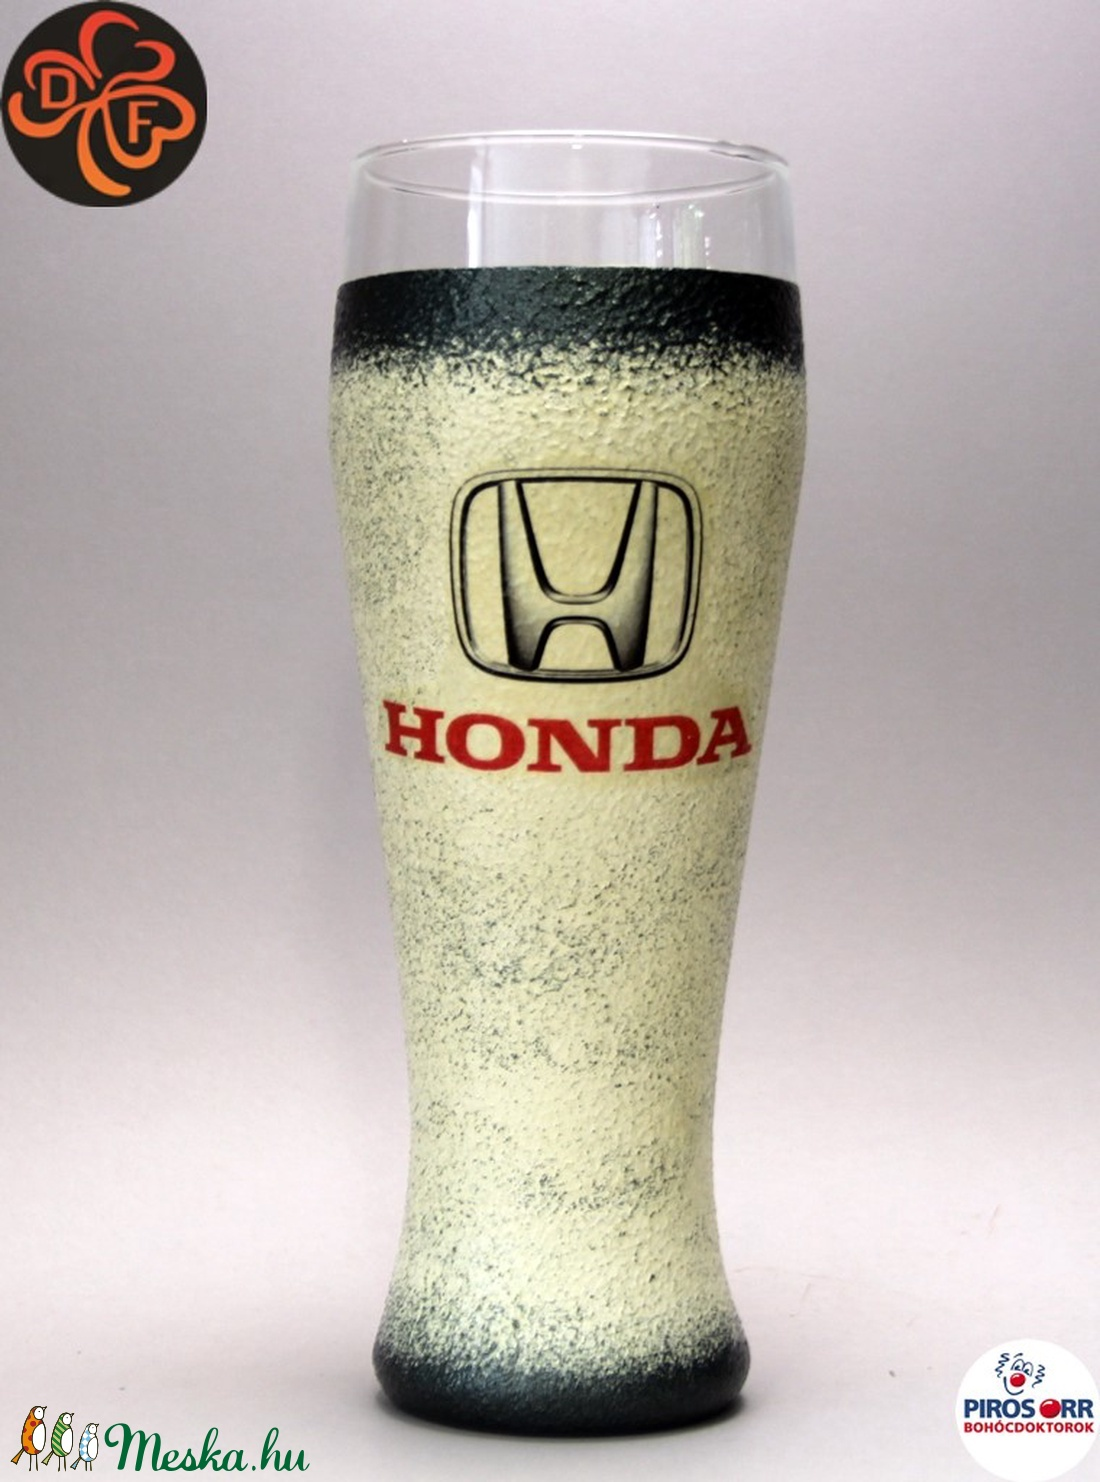 HONDA sörös pohár ; Saját Honda autód fotójával is elkészítjük ! (decorfantasy) - Meska.hu